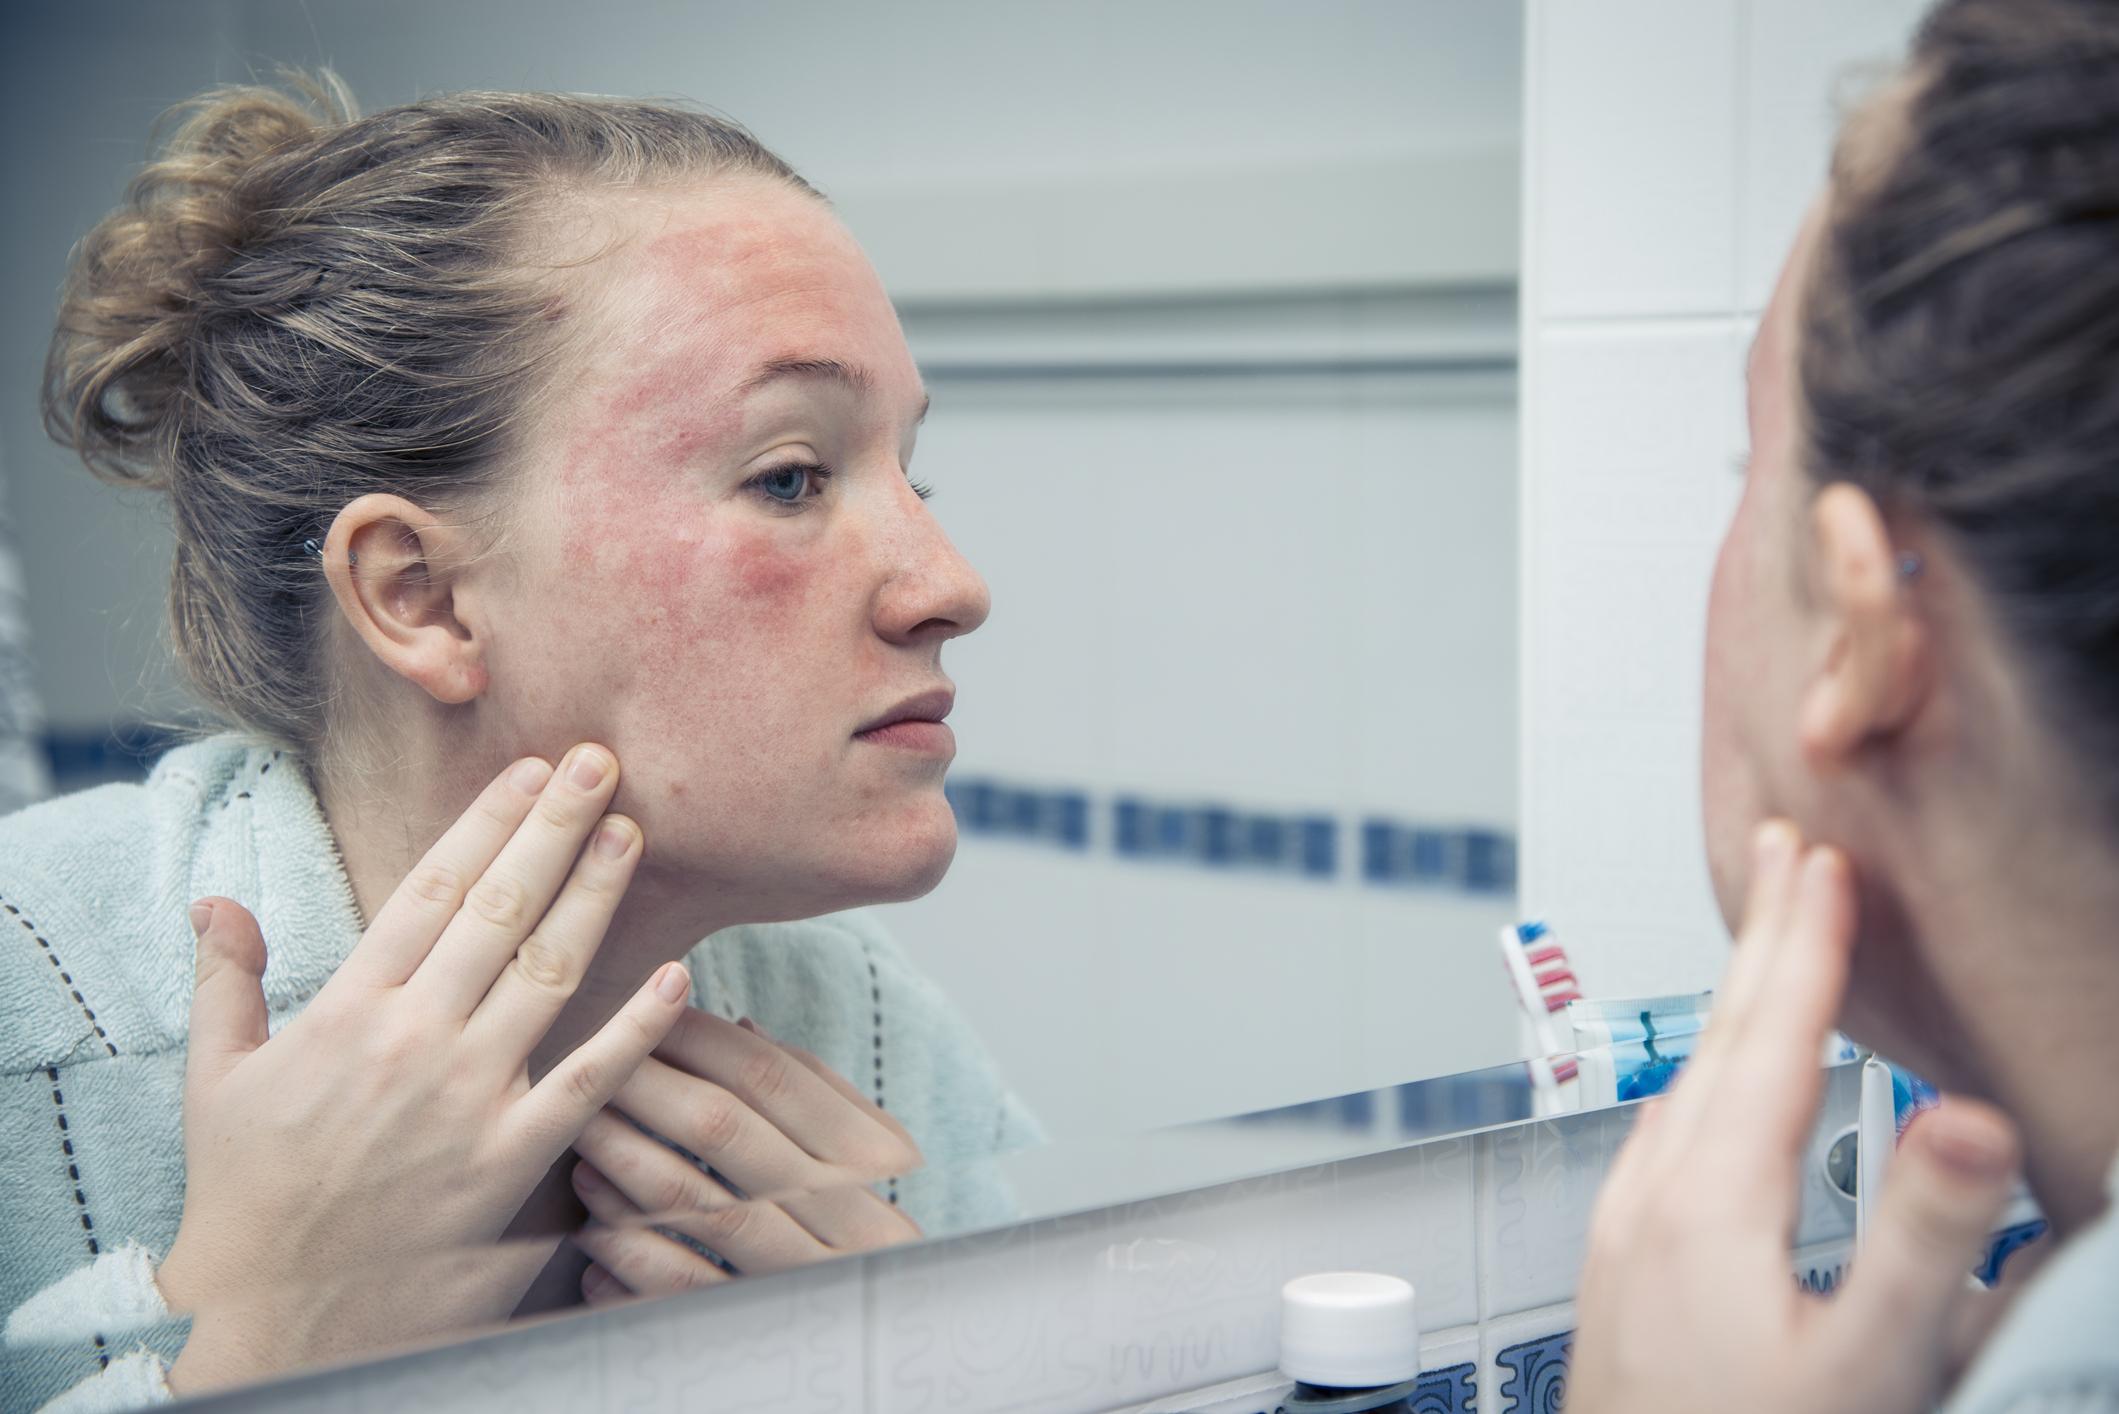 allergiás ekcéma krém milyen gyógyszerek a legjobbak a pikkelysömörhöz